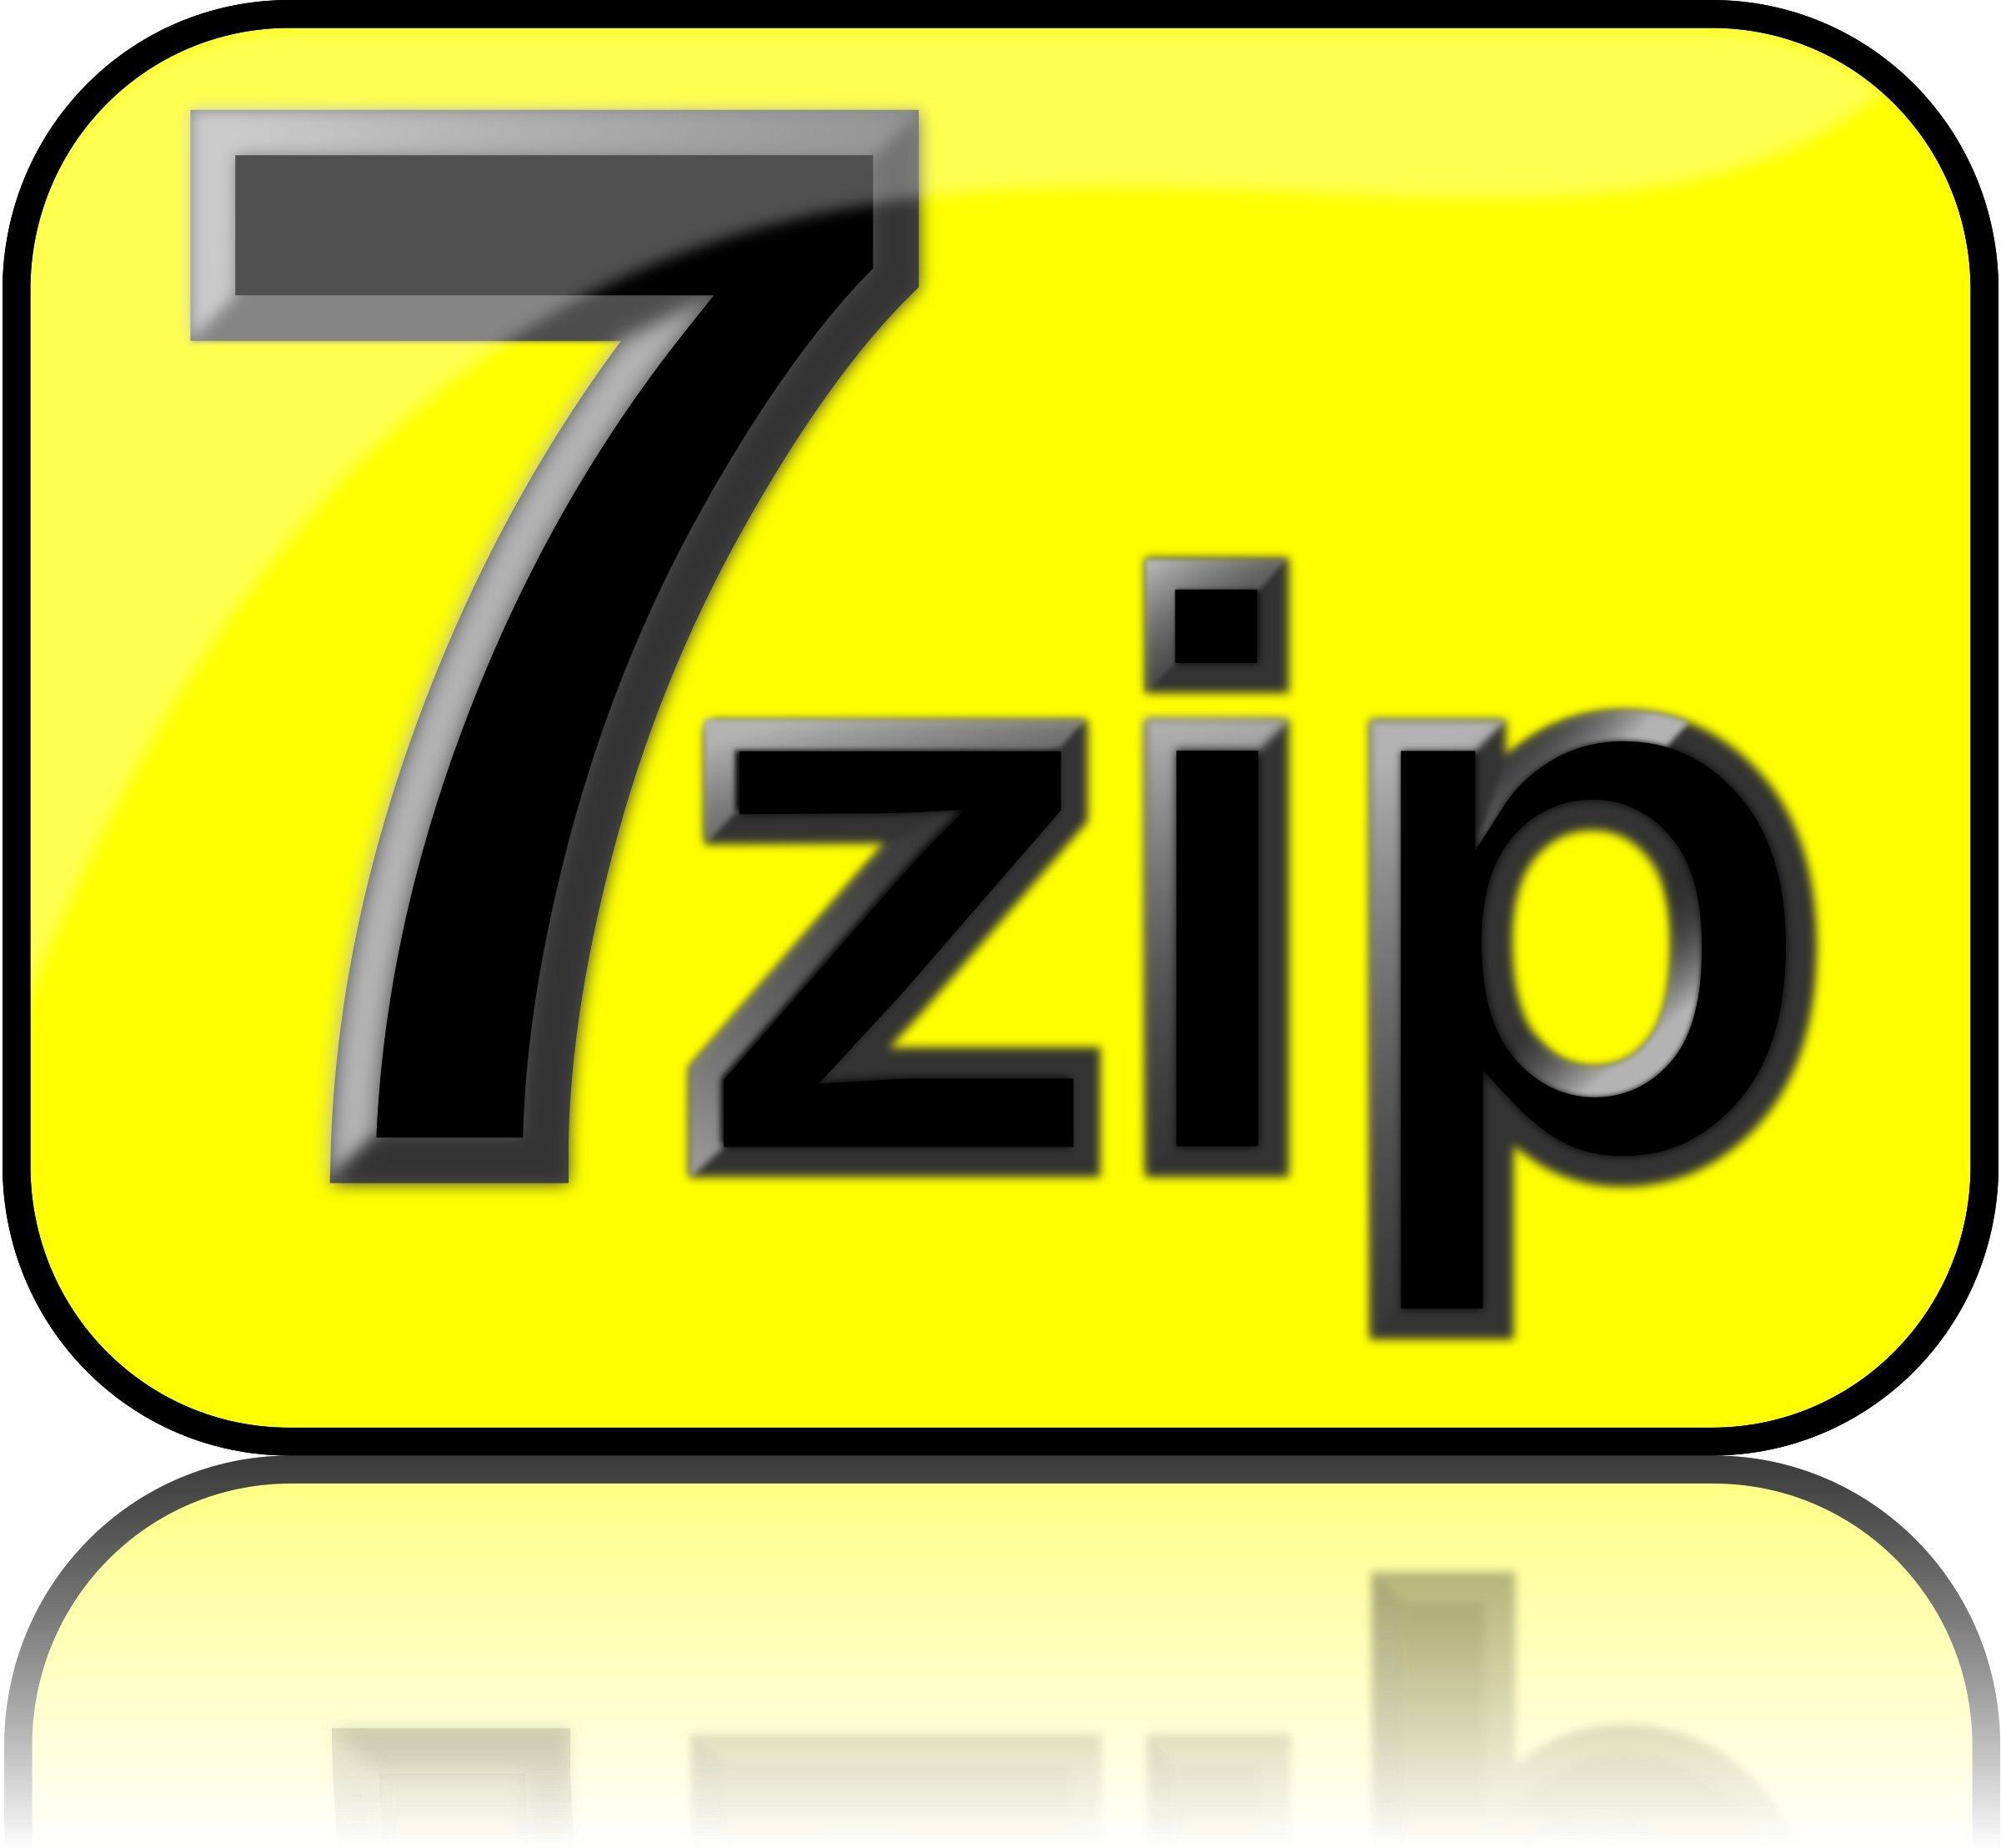 Buy 7Zip Now!